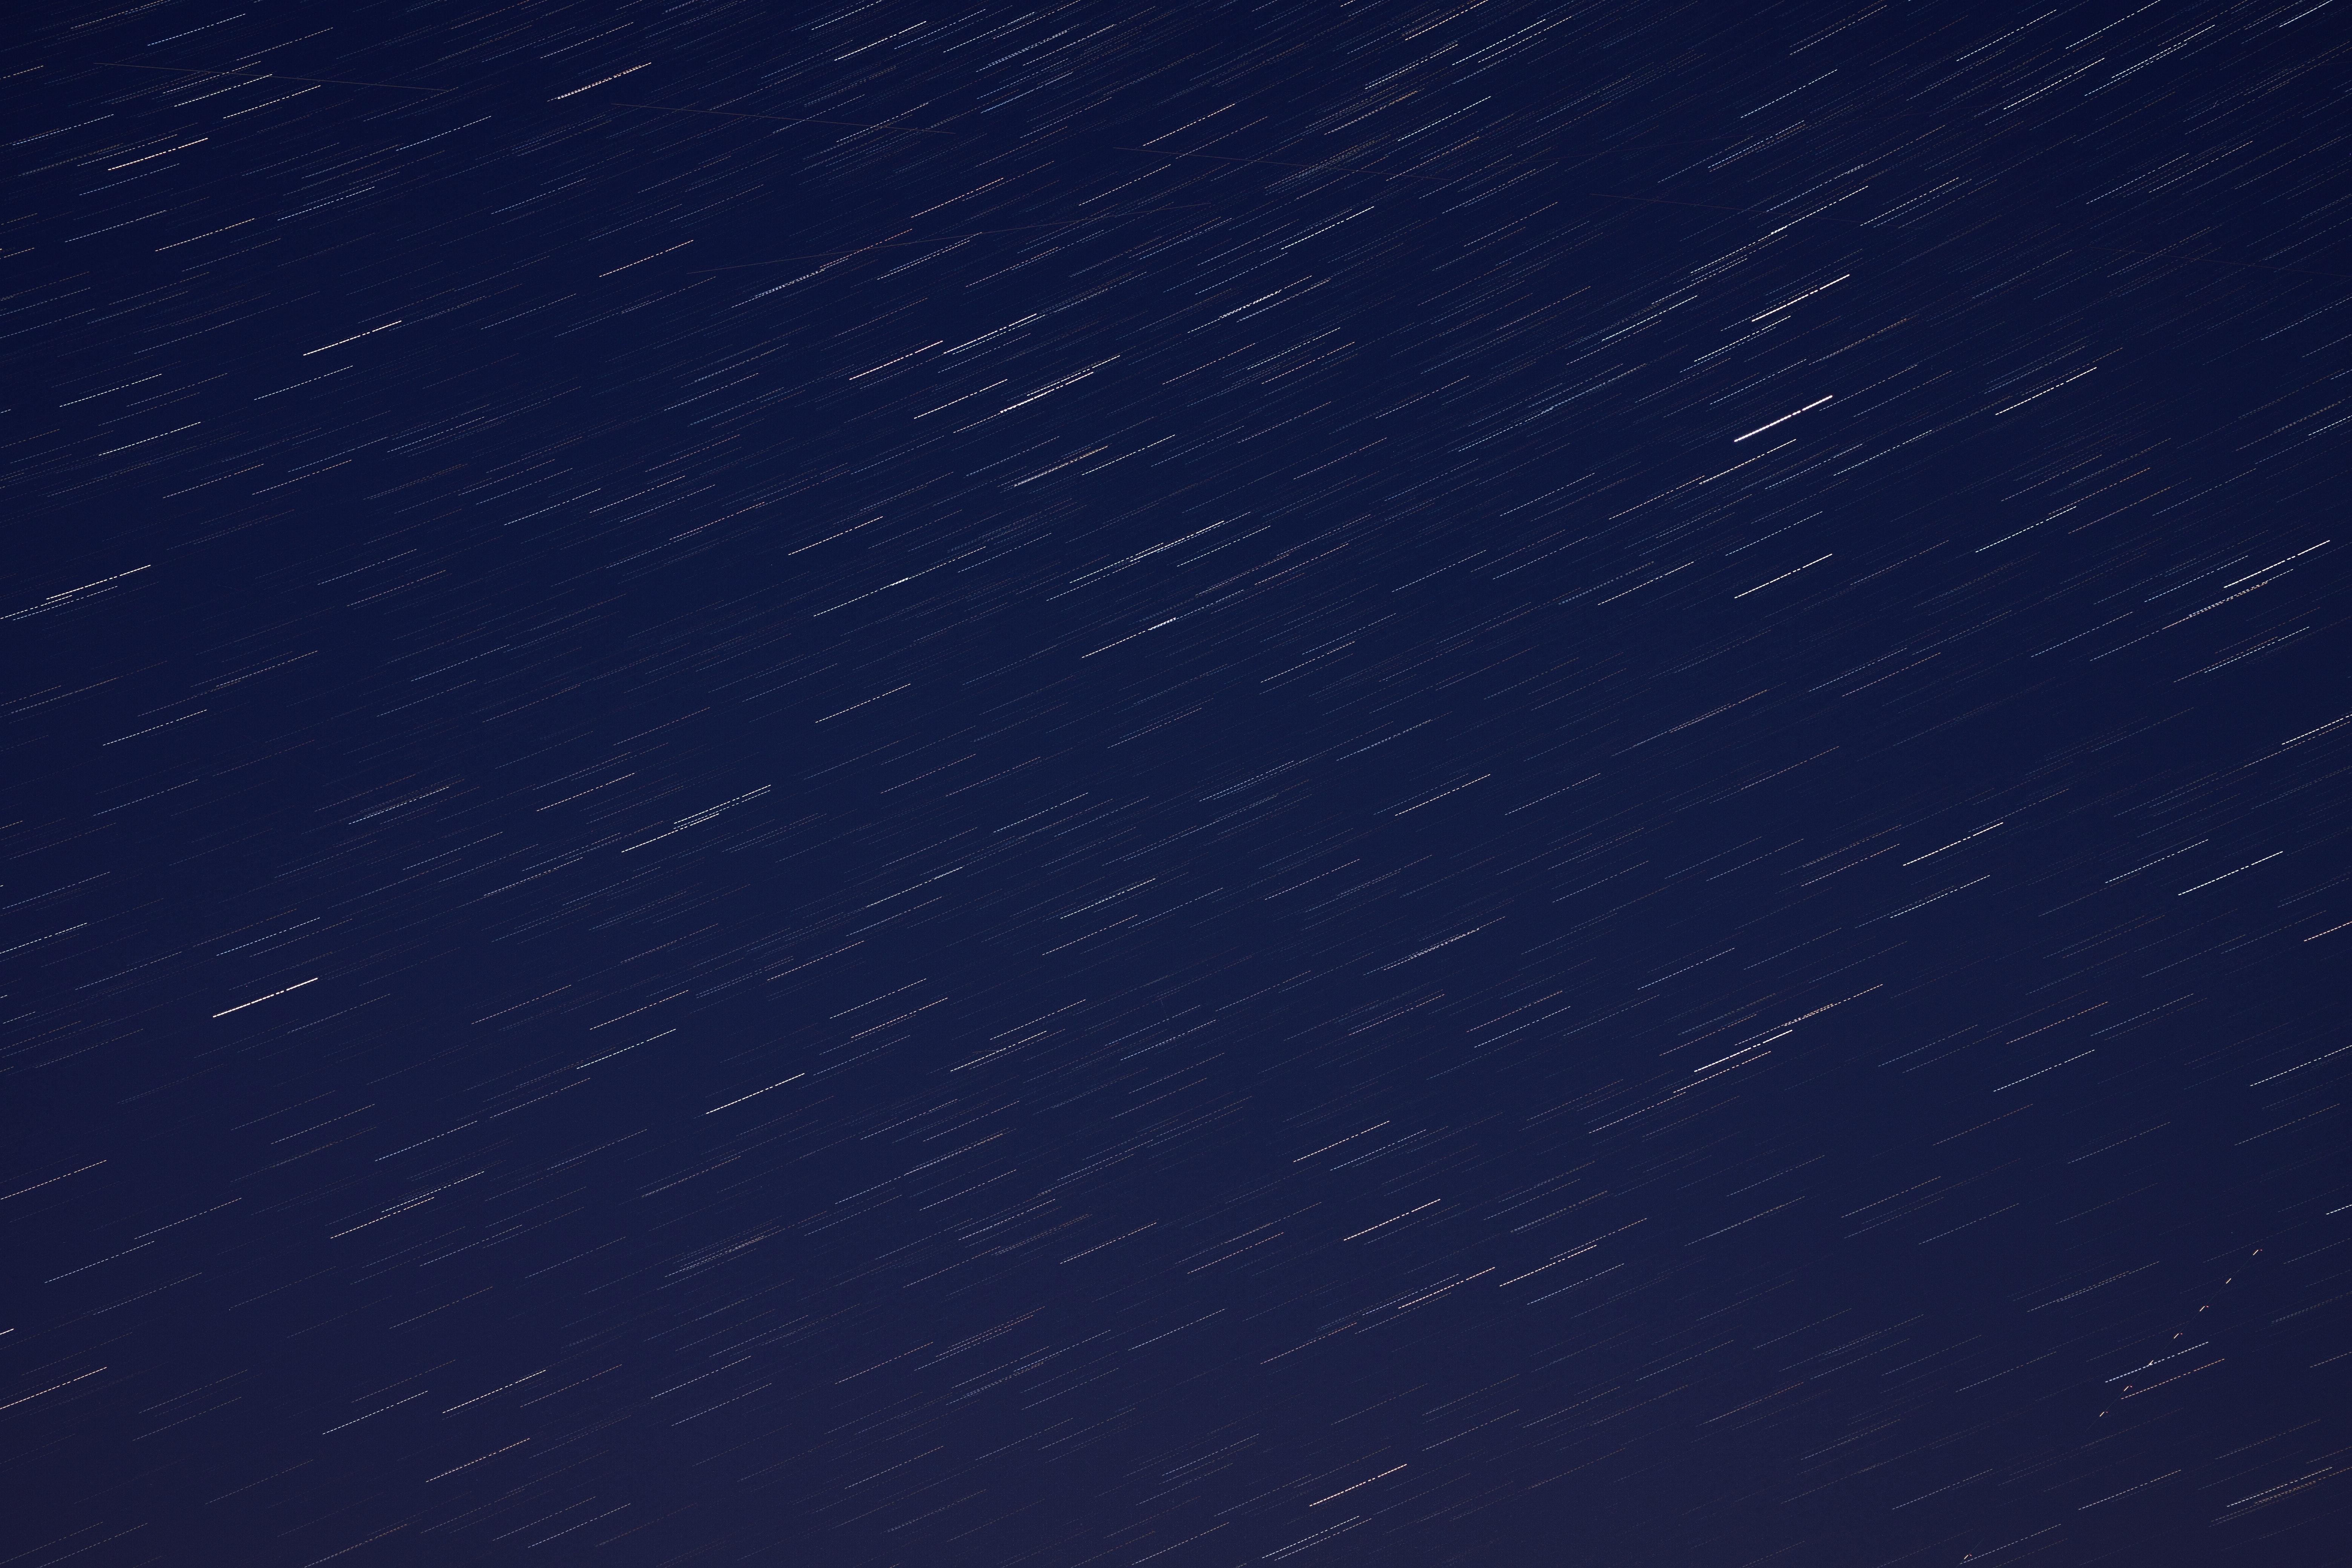 149619 скачать обои Темные, Длинная Выдержка, Звездное Небо, Ночь, Звезды - заставки и картинки бесплатно